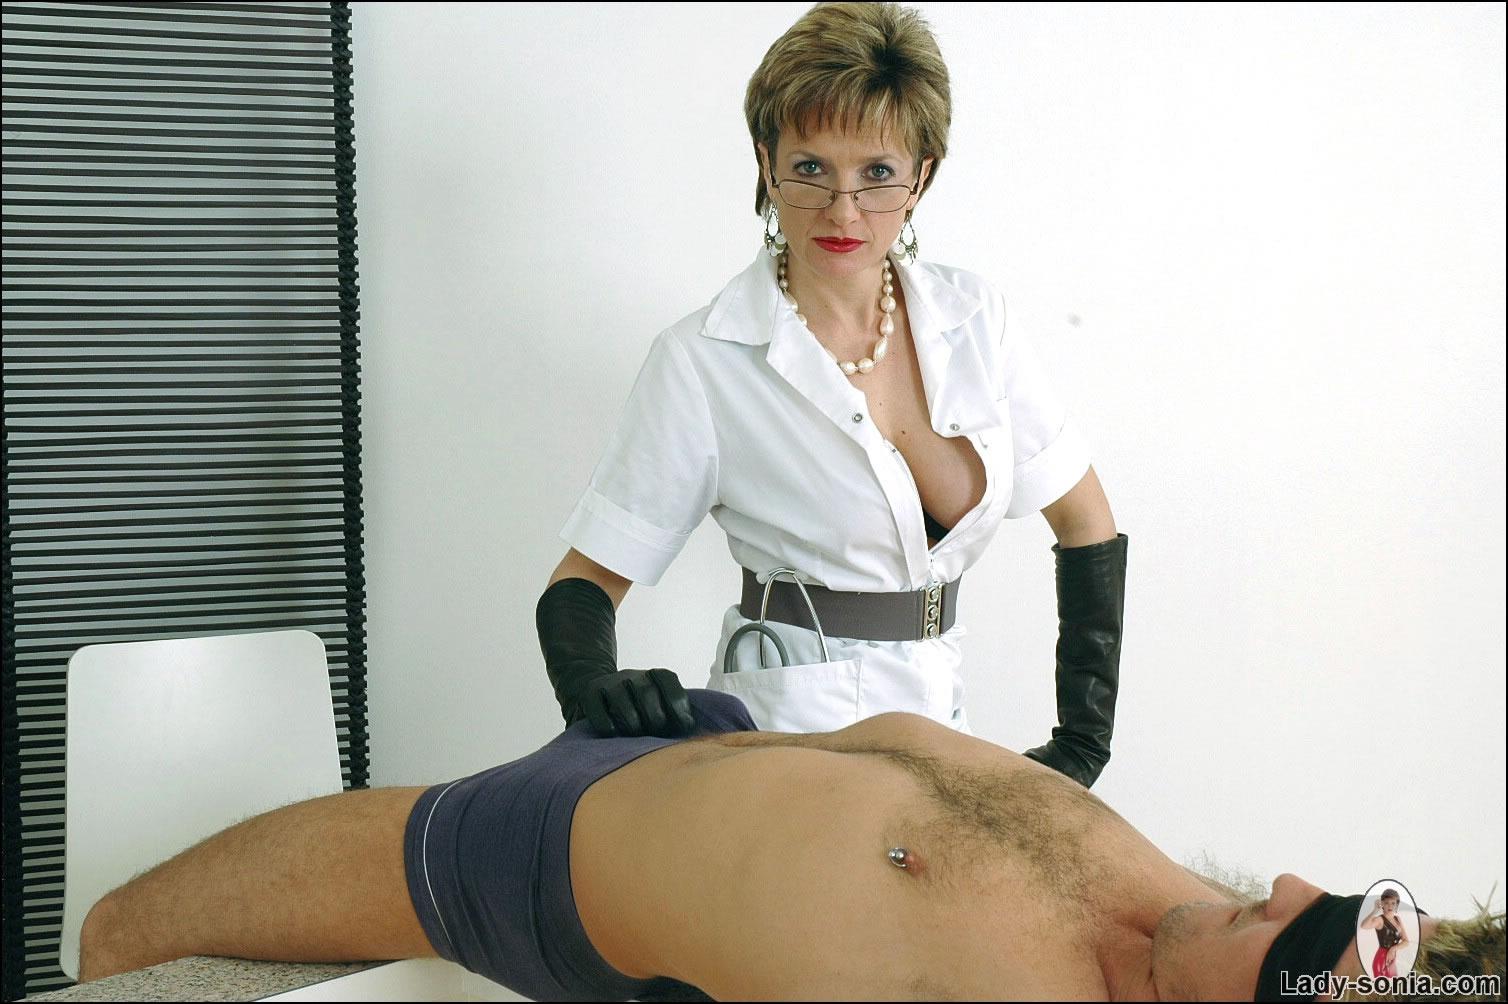 Dominant babe loves punishing her sub bf 1